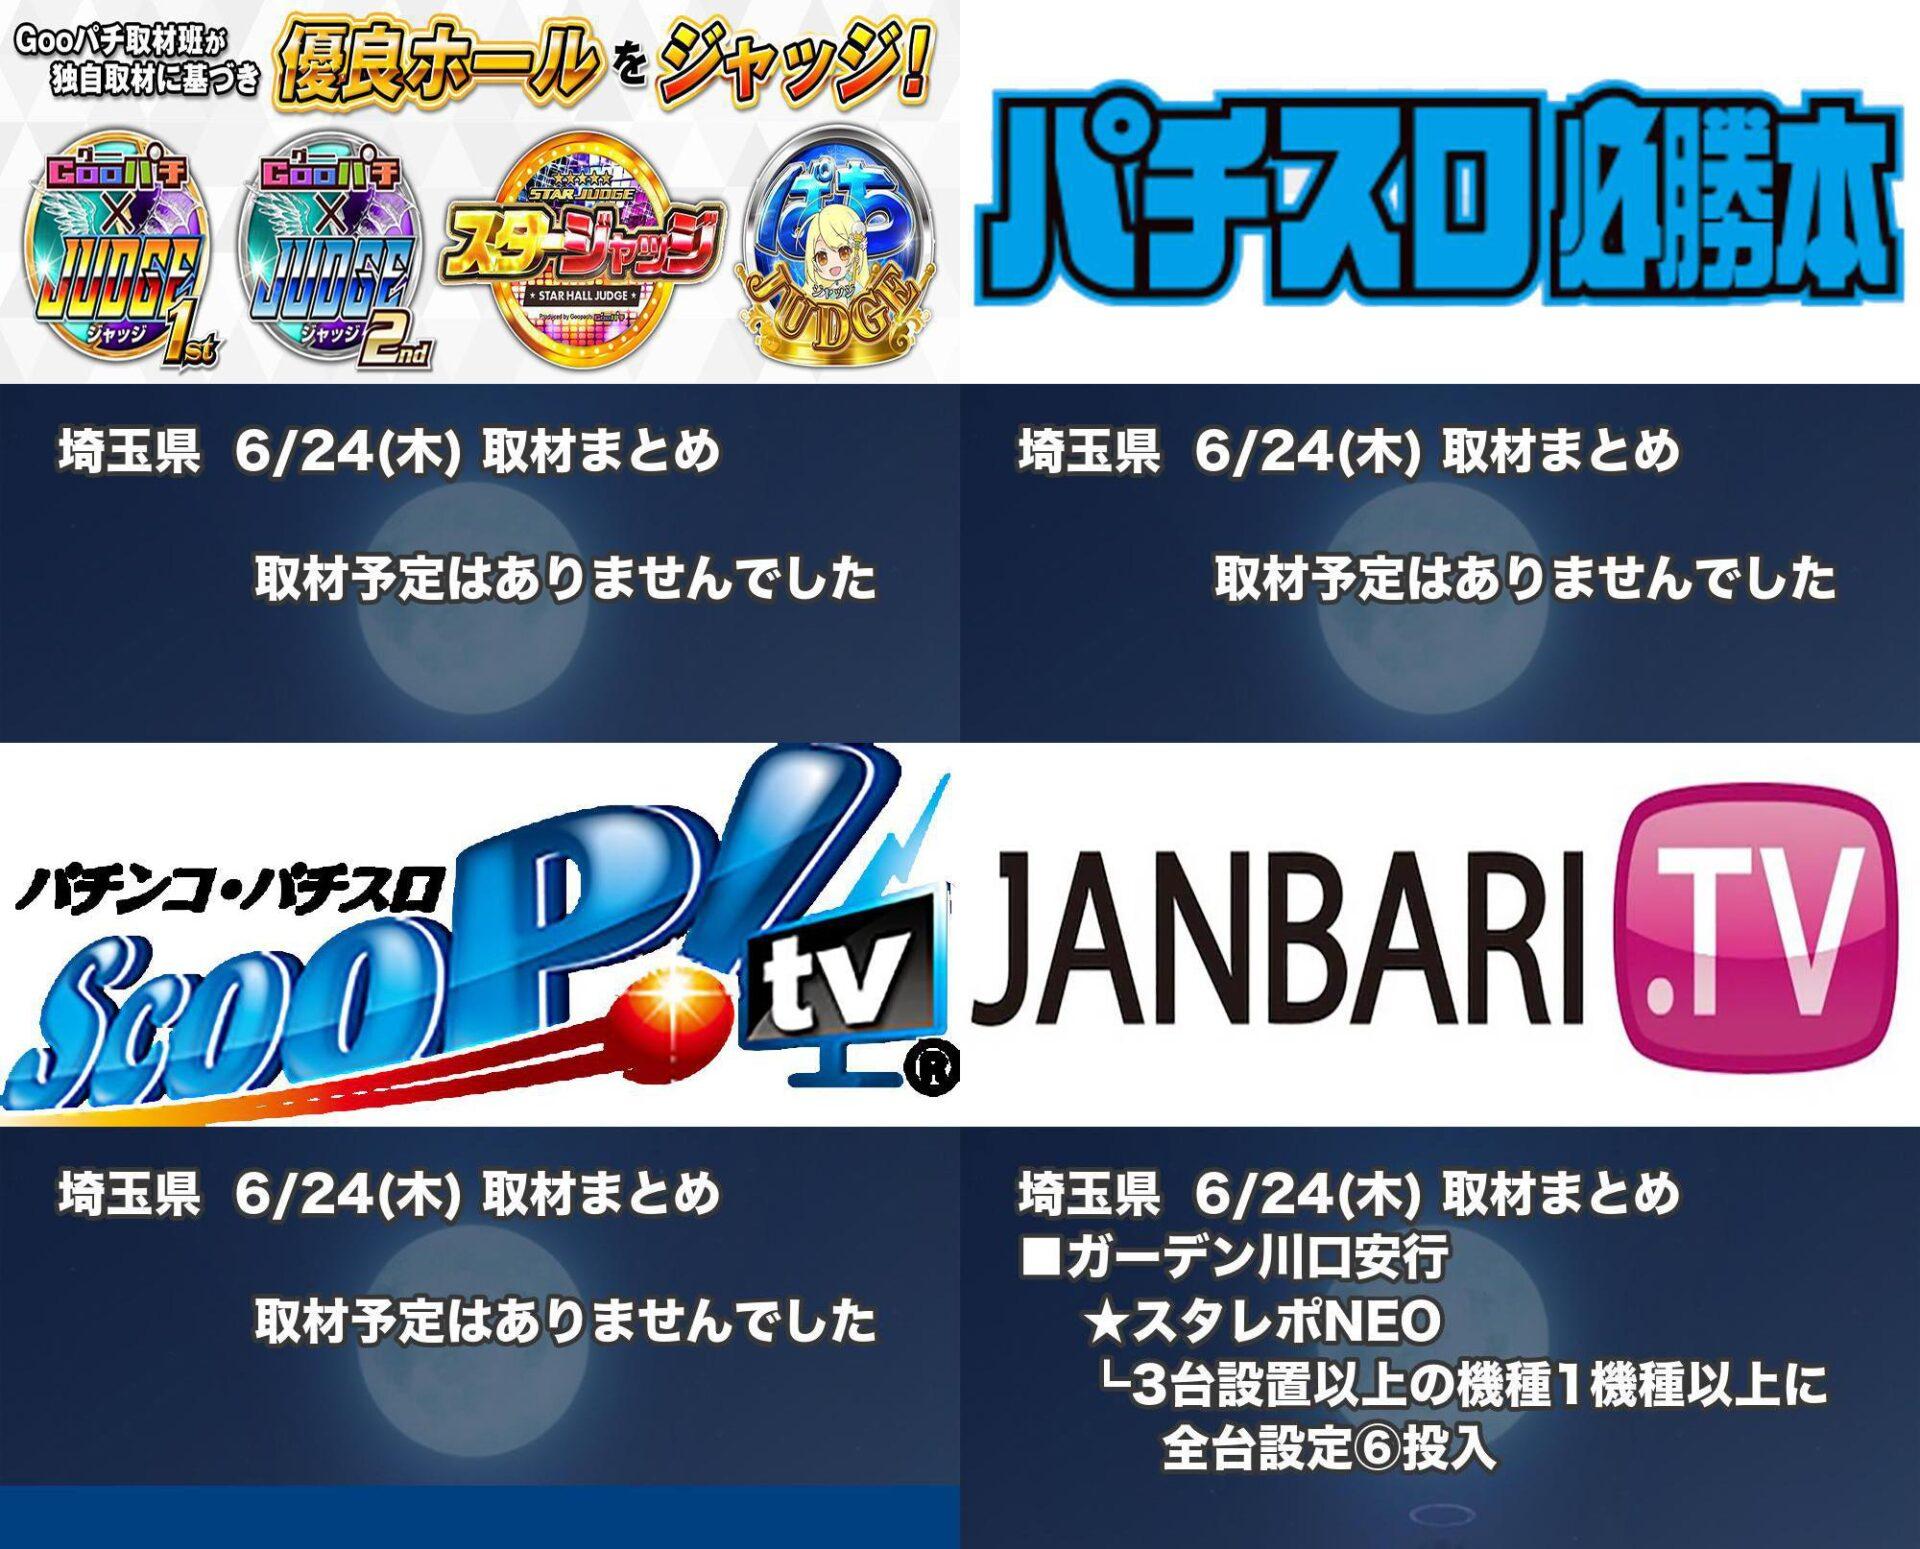 埼玉県_2021-06-24_パチンコ・パチスロ_イベント